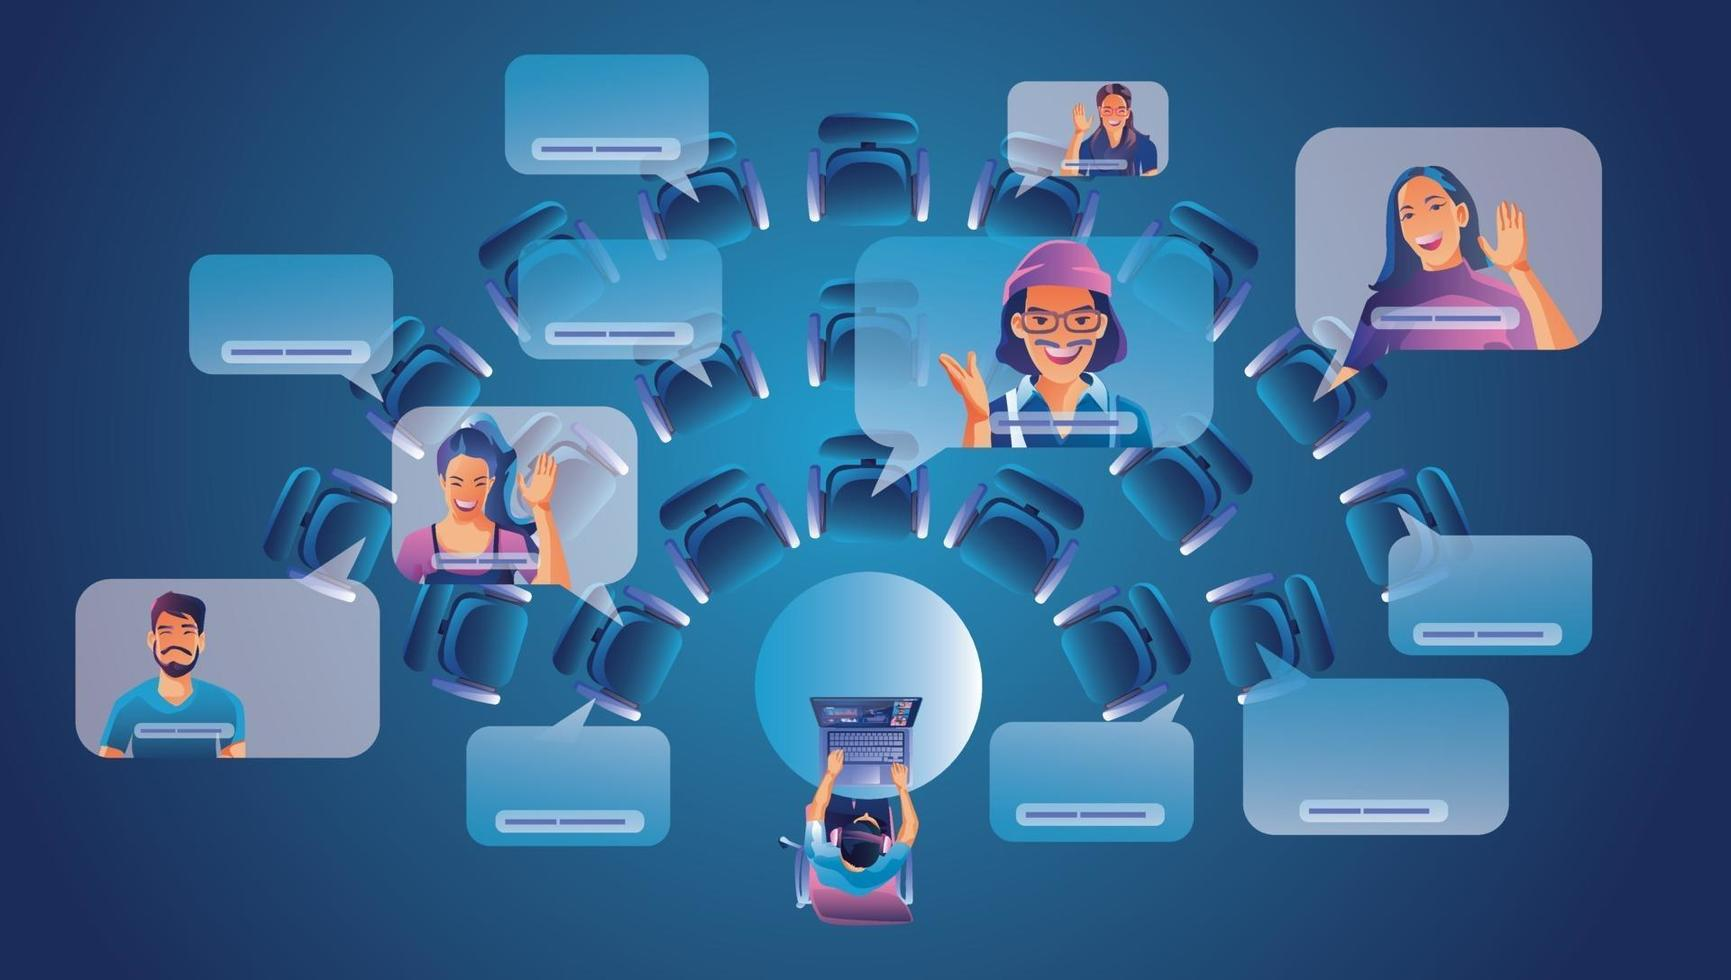 les gens qui travaillent sur l'écran de la fenêtre de parler avec des collègues. vidéoconférence et page d'espace de travail de réunion en ligne, homme et femme apprentissage illustration vectorielle, plat vecteur